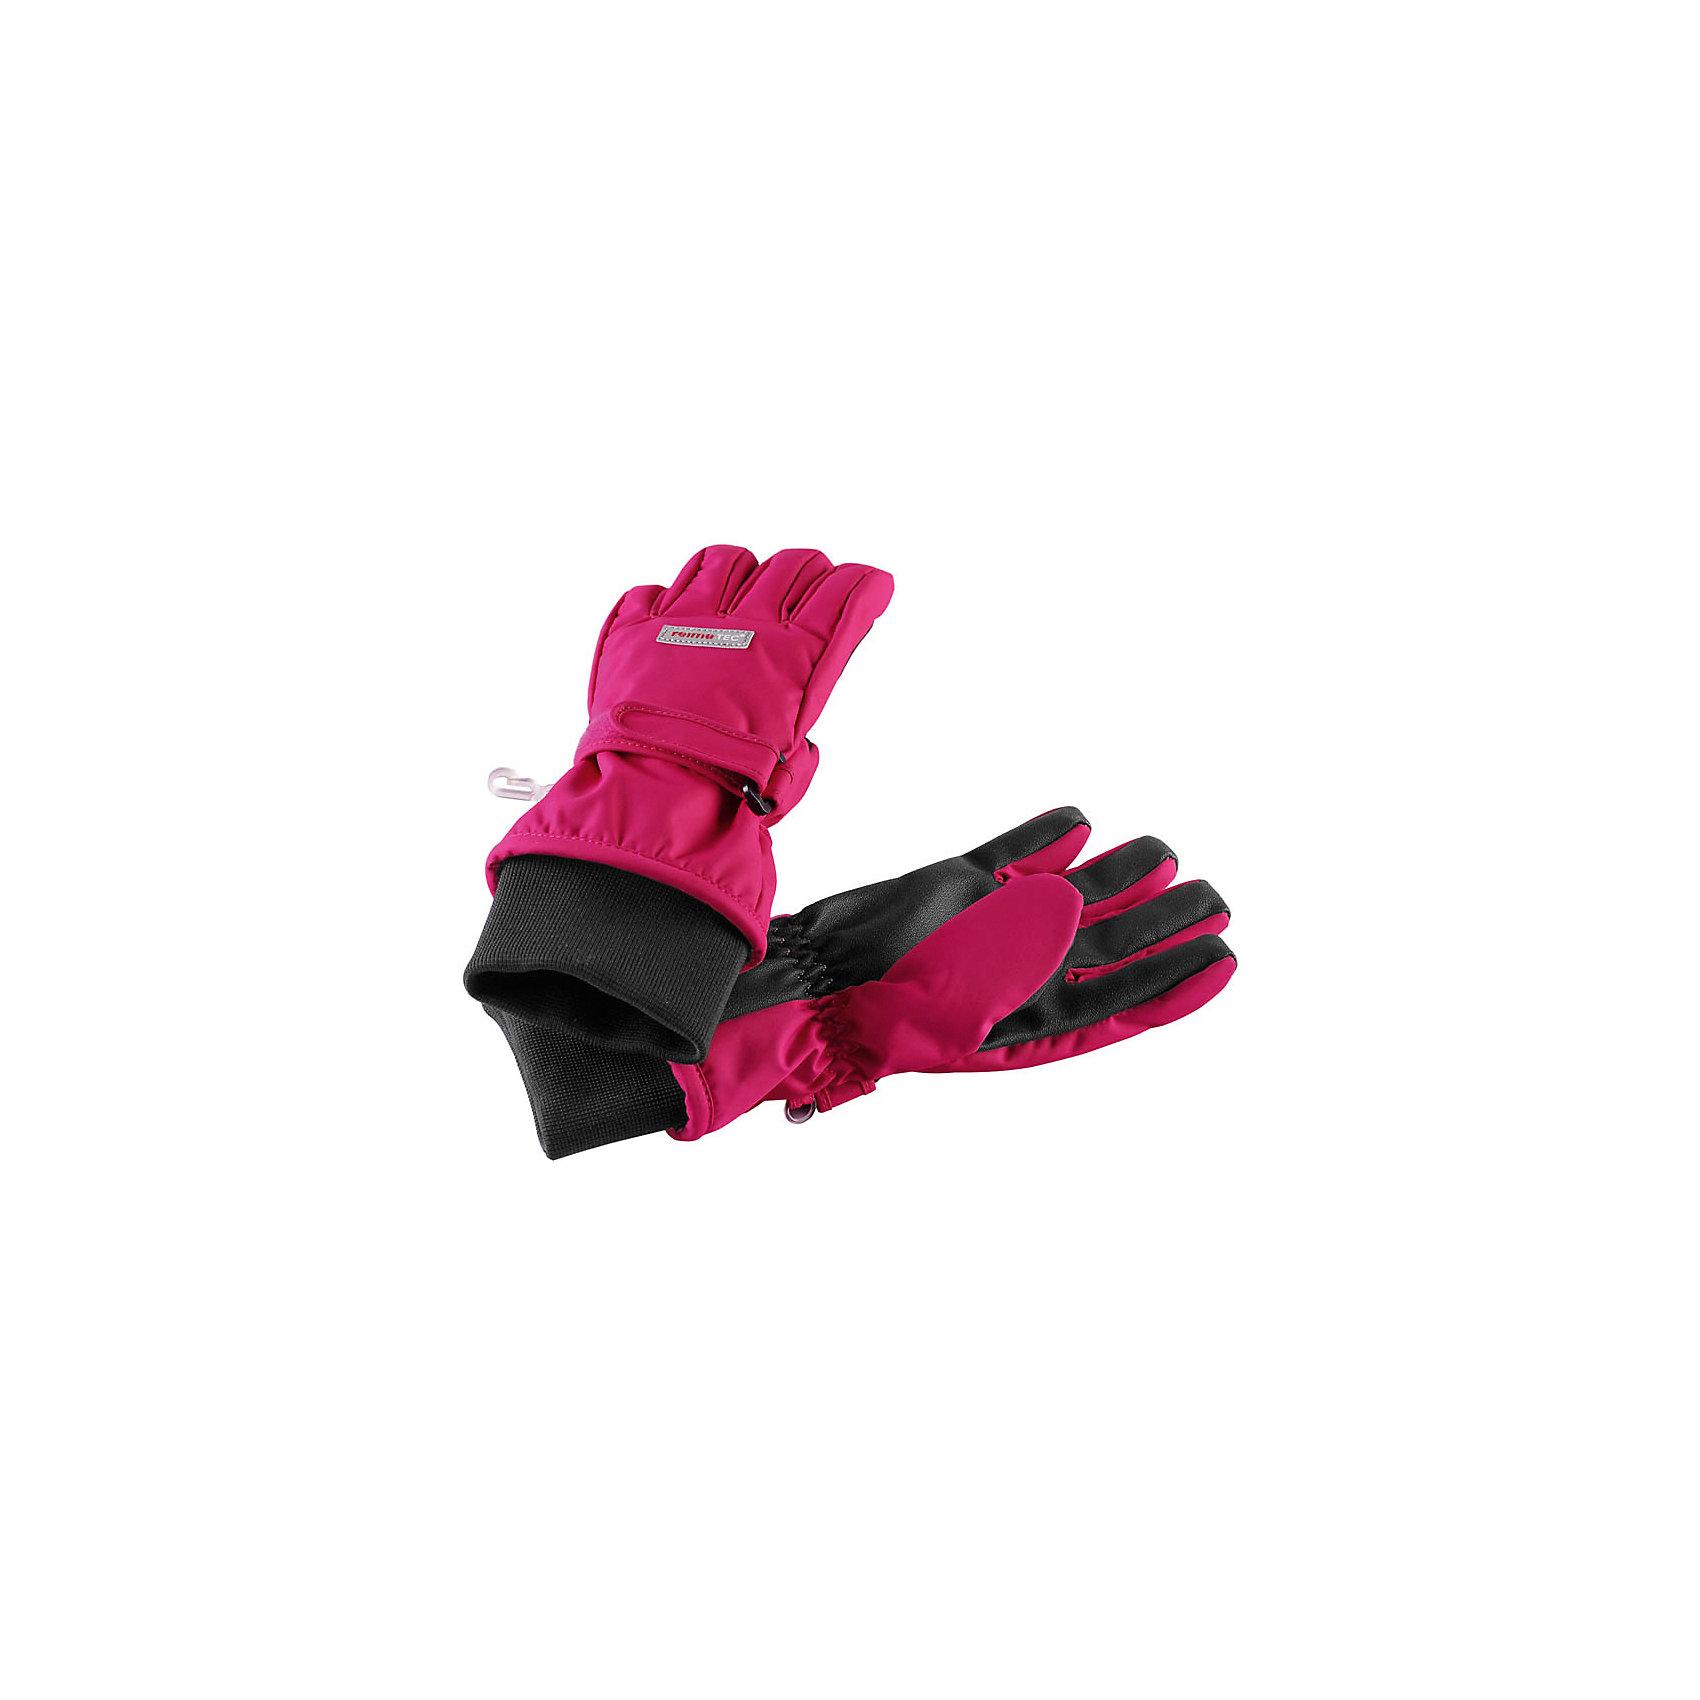 Перчатки Reimatec® Reima PivoПерчатки, варежки<br>Характеристики товара:<br><br>• цвет: розовый;<br>• состав: 100% полиэстер;<br>• подкладка: 100% полиэстер, флис;<br>• без дополнительного утепления;<br>• сезон: демисезон, зима;<br>• температурный режим: от 0 до -10;<br>• водонепроницаемость: 10000/15000 мм;<br>• воздухопроницаемость: 7000 мм;<br>• износостойкость: 40000 циклов (тест Мартиндейла);<br>• полная водонепроницаемость и дышащая способность благодаря вставке Hipora;<br>• водоотталкивающий, ветронепроницаемый и грязеотталкивающий материал;<br>• прочный материал;<br>• усиленные накладки на ладонях, кончиках пальцев  и больших пальцах;<br>• сплошная подкладка: мягкий теплый флис;<br>• застежка на липучке спереди;<br>• эластичный кант на манжетах;<br>• светоотражающие детали;<br>• страна бренда: Финляндия;<br>• страна изготовитель: Китай.<br><br>Абсолютно водонепроницаемые, дышащие и эластичные перчатки для малышей и детей постарше. Благодаря водонепроницаемому материалу и специальной вставке Hipora, эти перчатки не пропустят вовнутрь ни воду, ни сырость. Ветронепроницаемый материал, из которого они изготовлены, невероятно прочный и простой в уходе: эти перчатки можно сушить в сушильной машине. <br><br>Усиления на ладони, кончиках пальцев и на большом пальце позволяют крепко держать в руках разные сокровища, найденные во время приключений на природе. Удобная флисовая подкладка очень мягкая на ощупь и не заставляет ребенка потеть.<br><br>Перчатки Pivo Reimatec® Reima от финского бренда Reima (Рейма) можно купить в нашем интернет-магазине.<br><br>Ширина мм: 162<br>Глубина мм: 171<br>Высота мм: 55<br>Вес г: 119<br>Цвет: розовый<br>Возраст от месяцев: 144<br>Возраст до месяцев: 168<br>Пол: Унисекс<br>Возраст: Детский<br>Размер: 8,3,4,5,6,7<br>SKU: 6902346